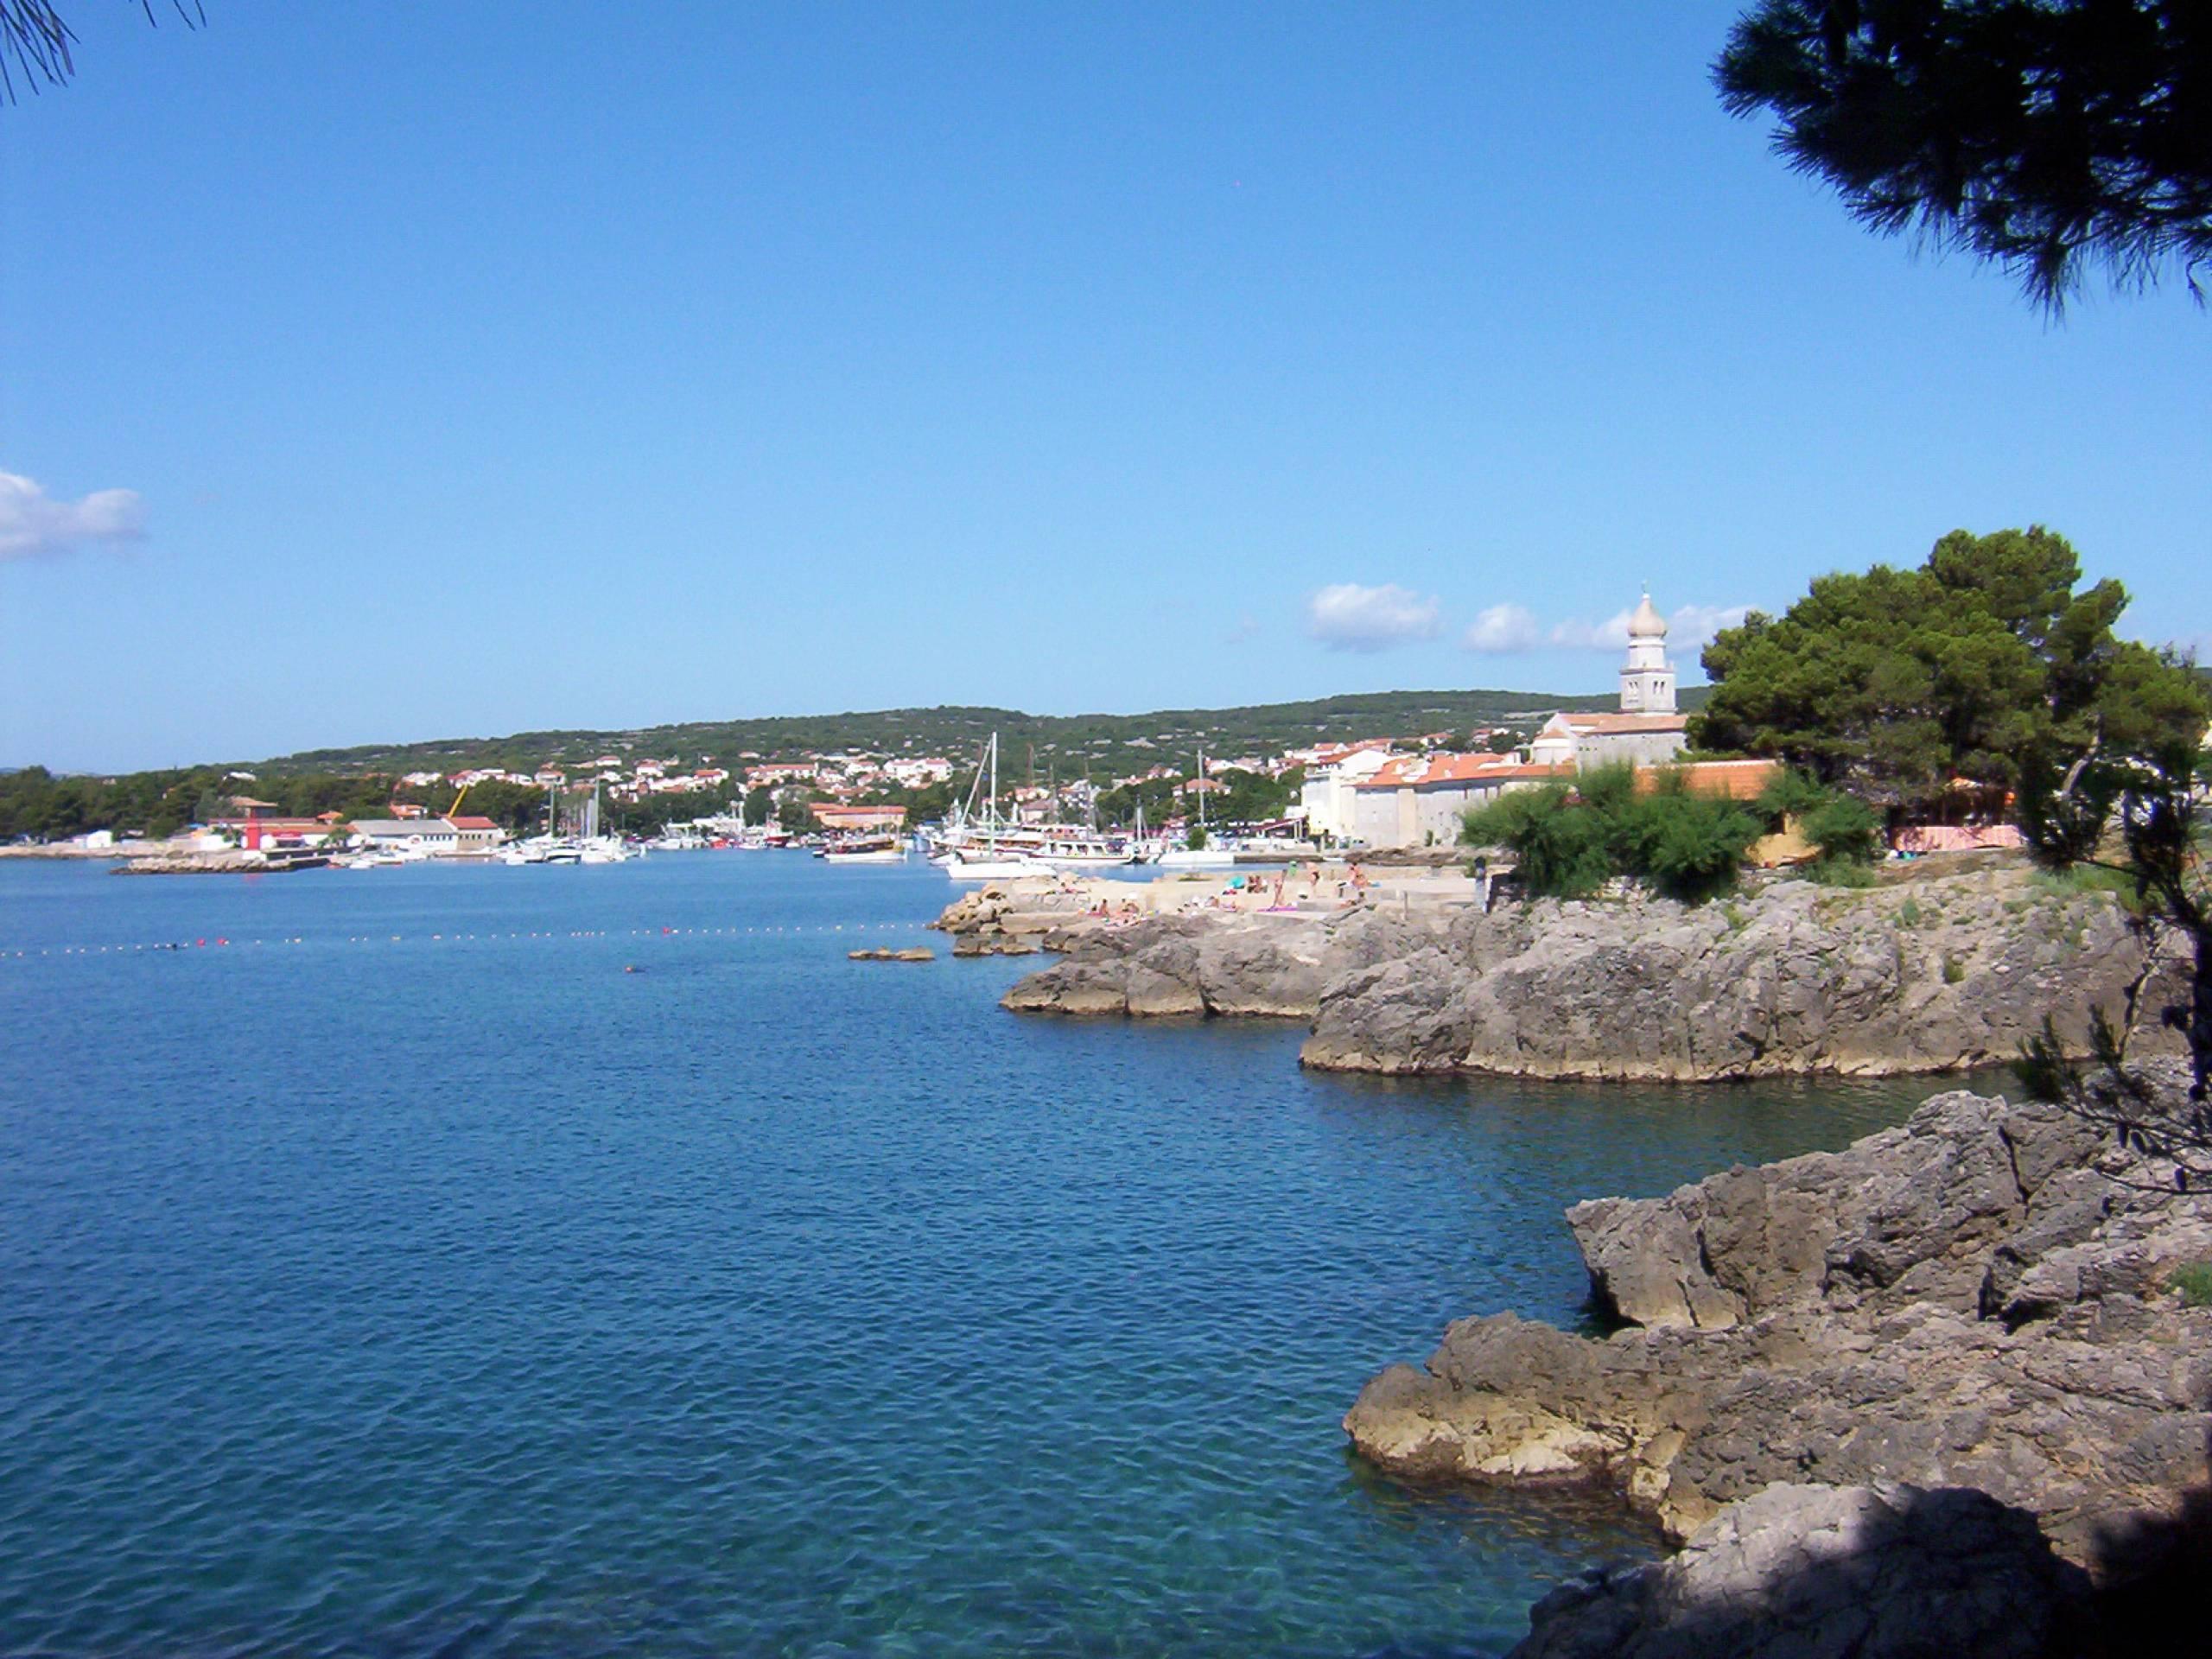 Chorwacja, Kvarner